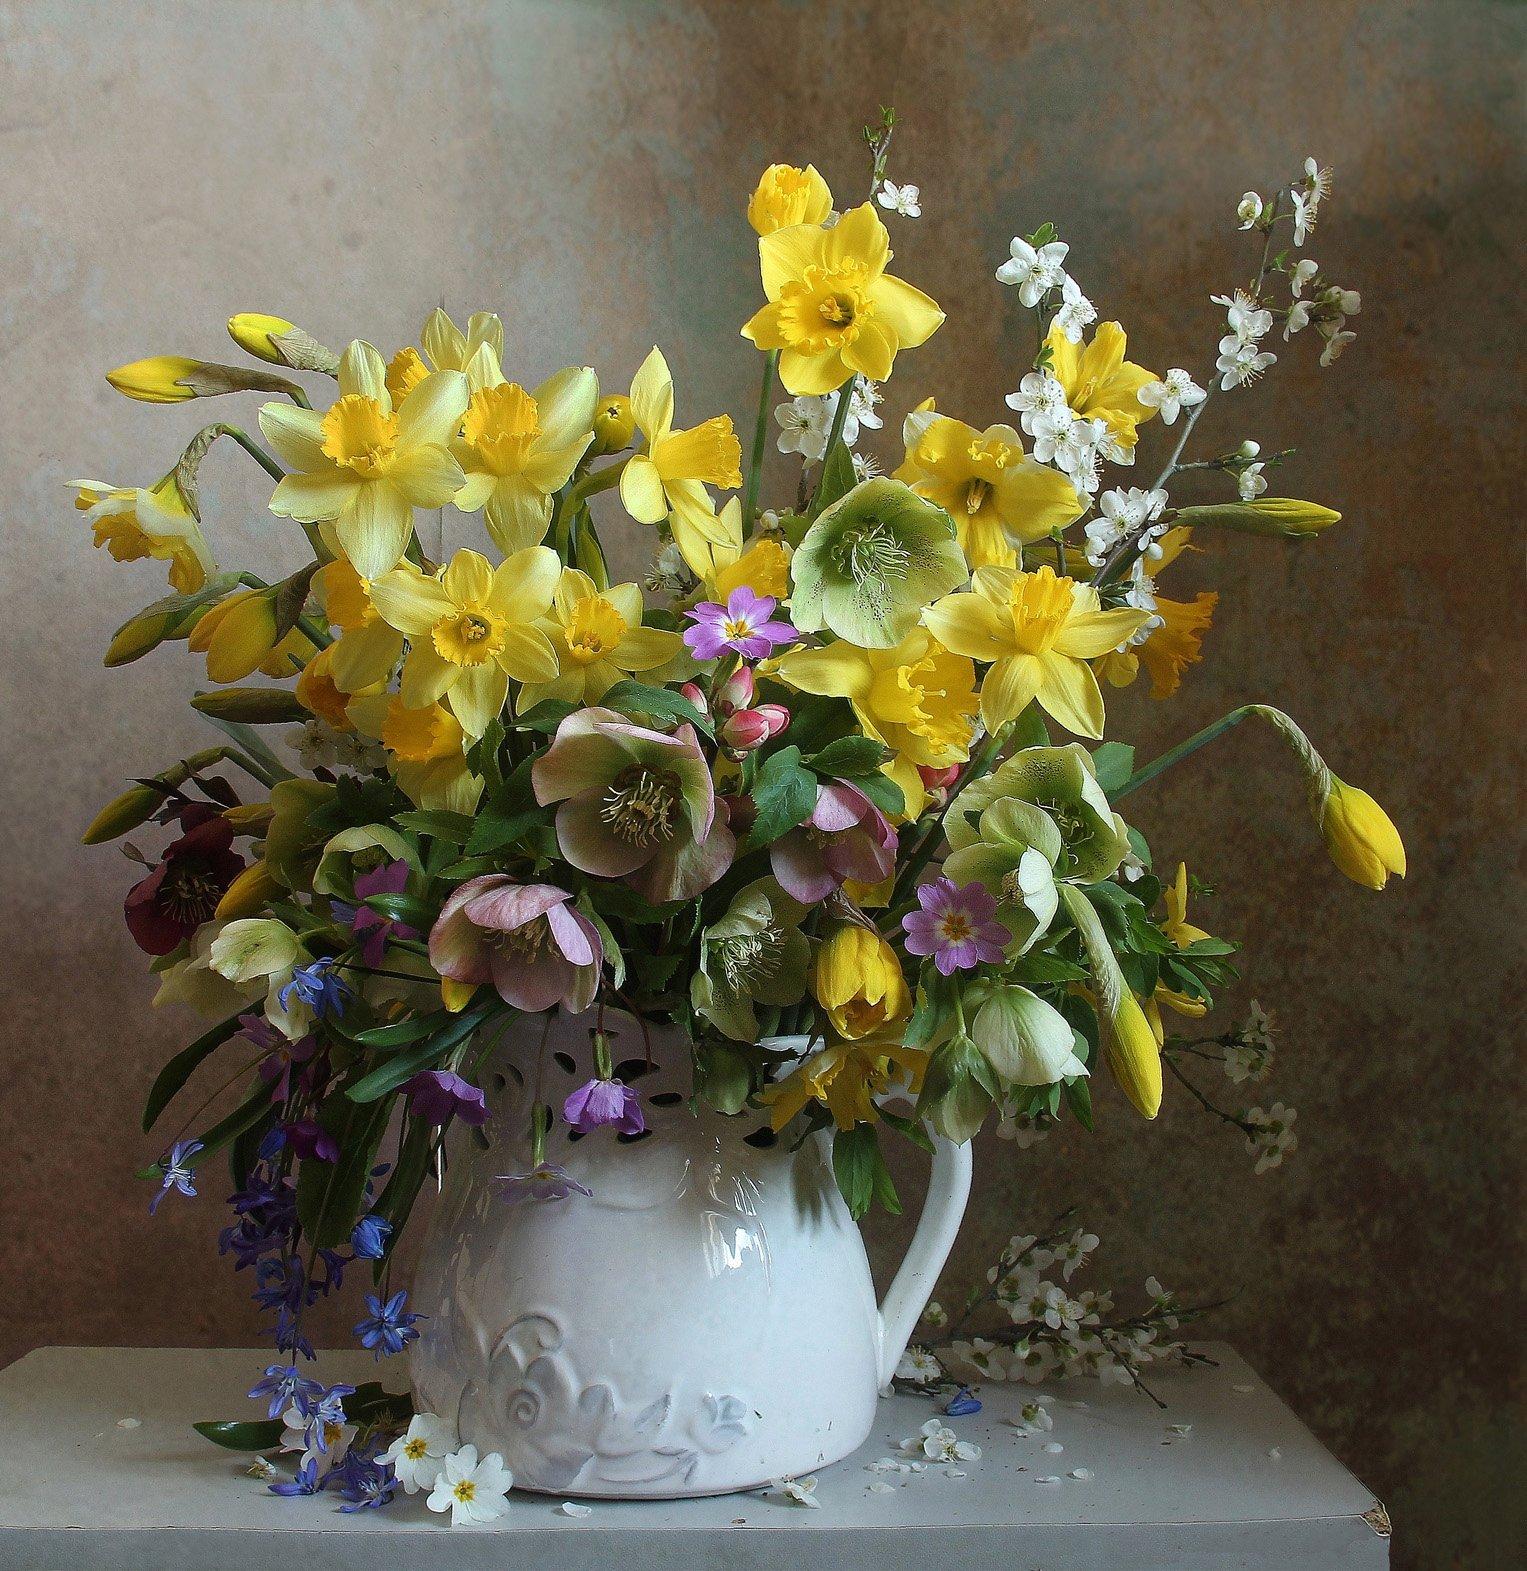 весна, натюрморт, букет цветов, нарциссы, марина филатова, Филатова Марина